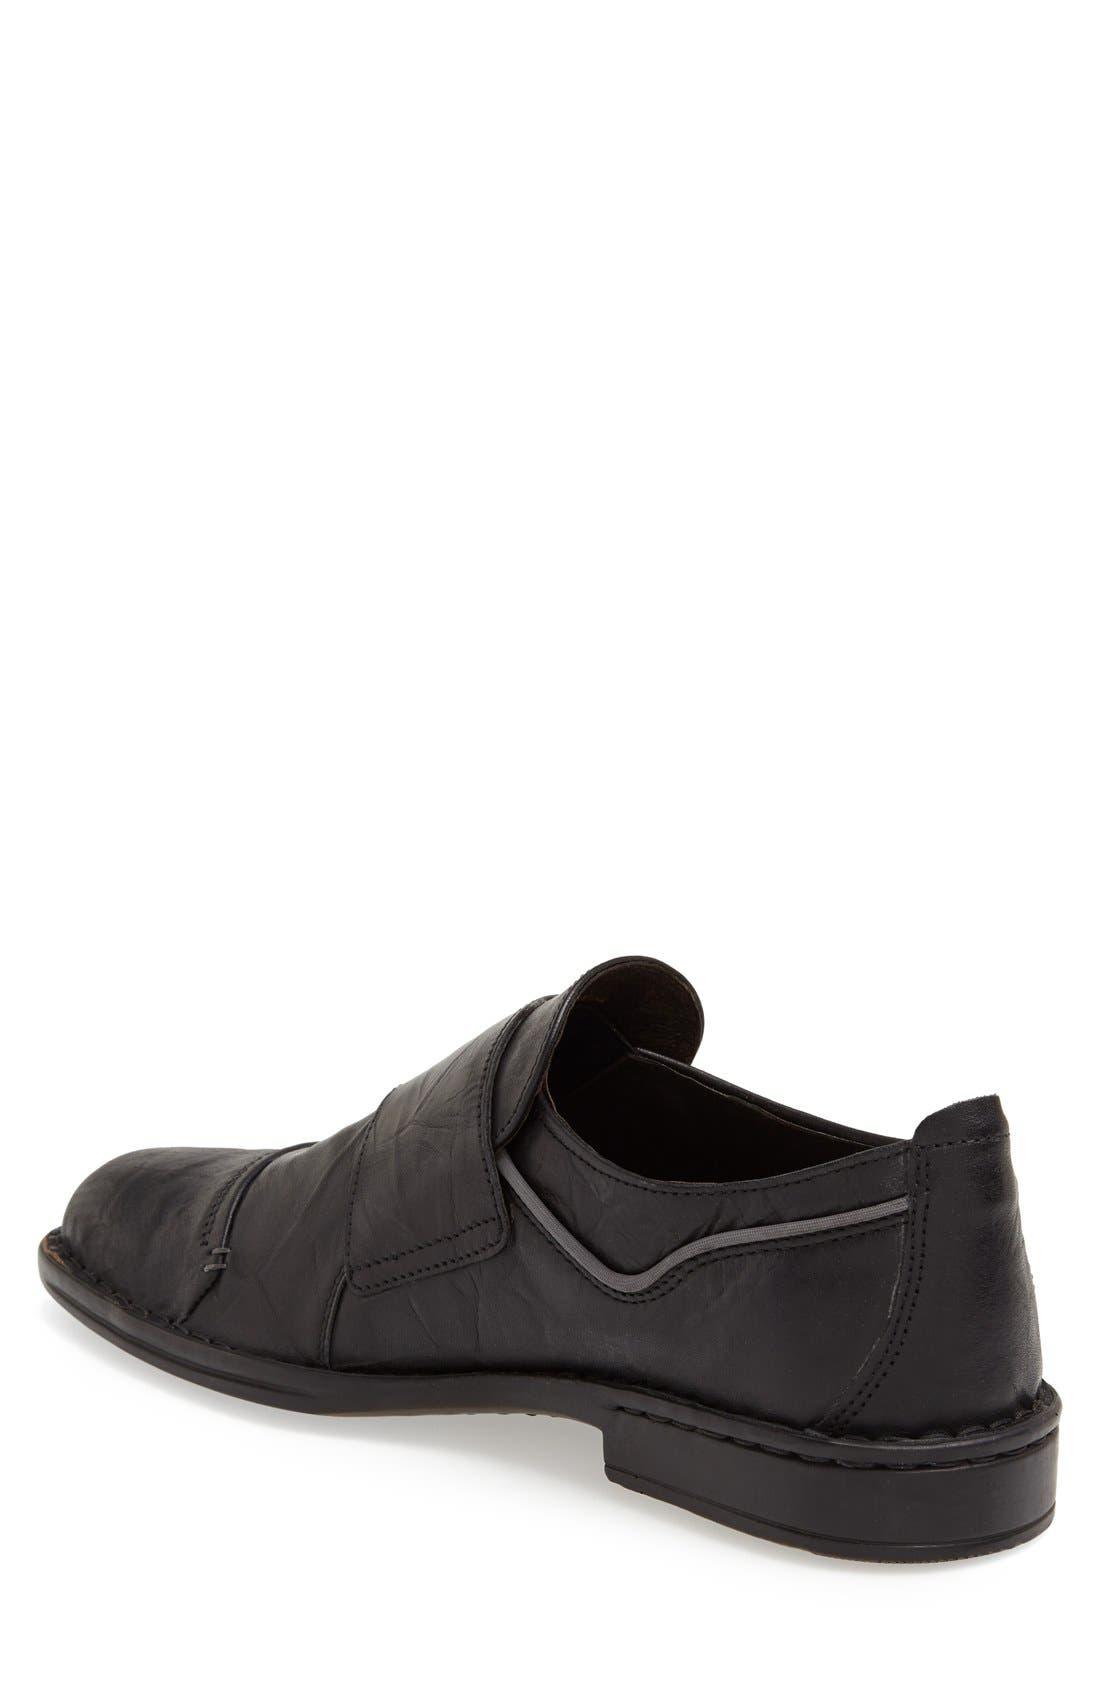 'Douglas 11' Double Monk Strap Shoe,                             Alternate thumbnail 6, color,                             BLACK